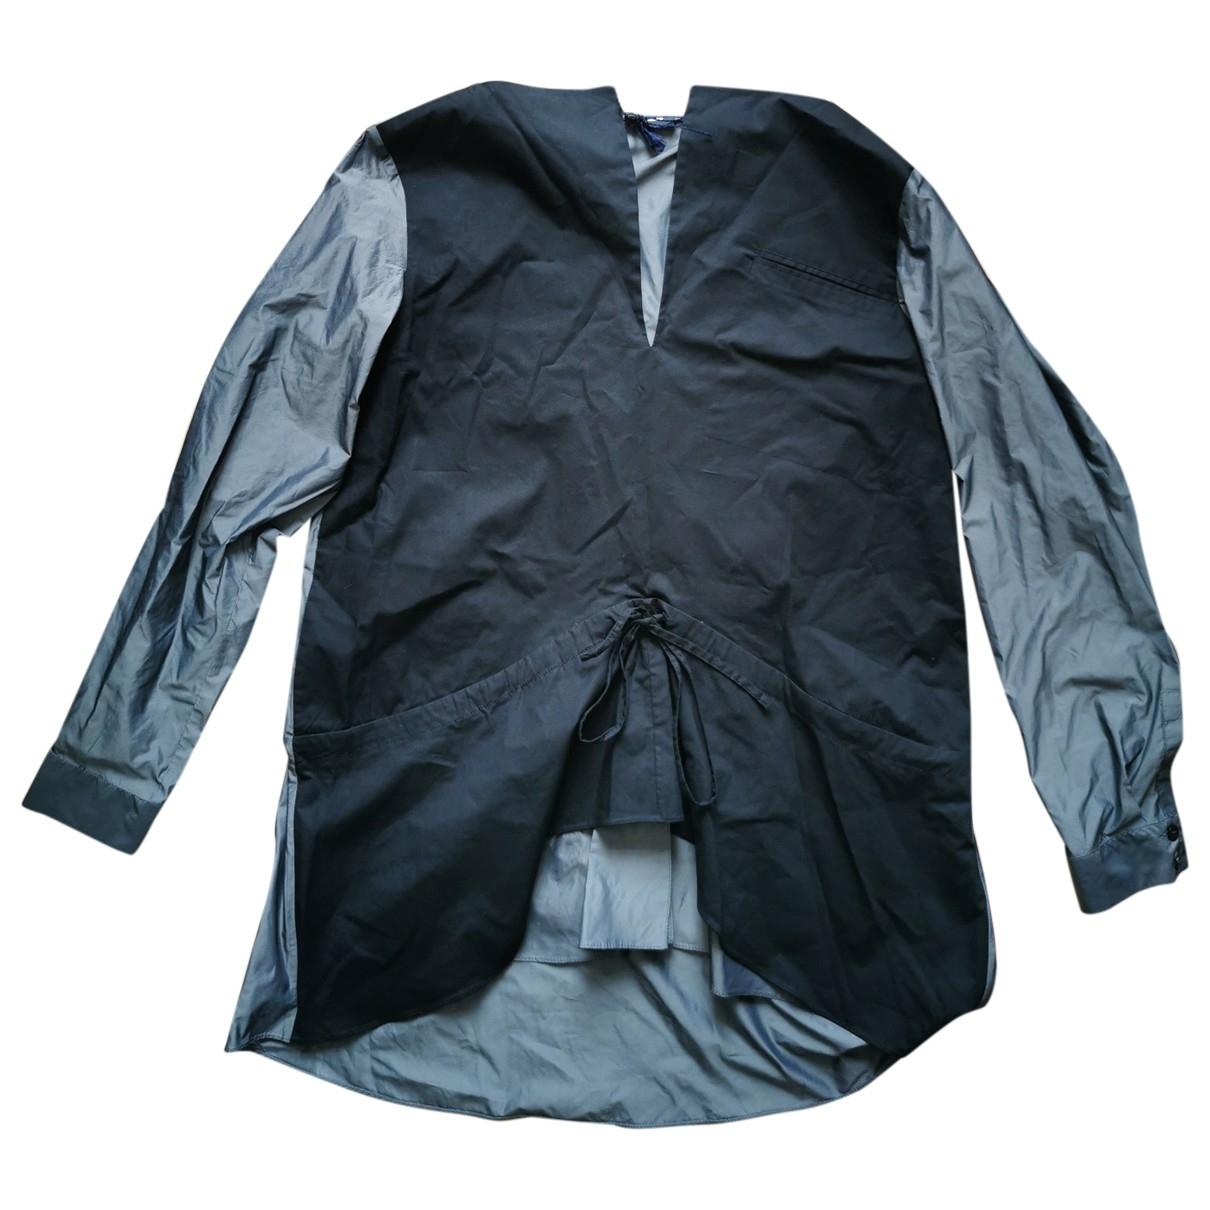 Jil Sander \N Black jacket for Women 34 FR